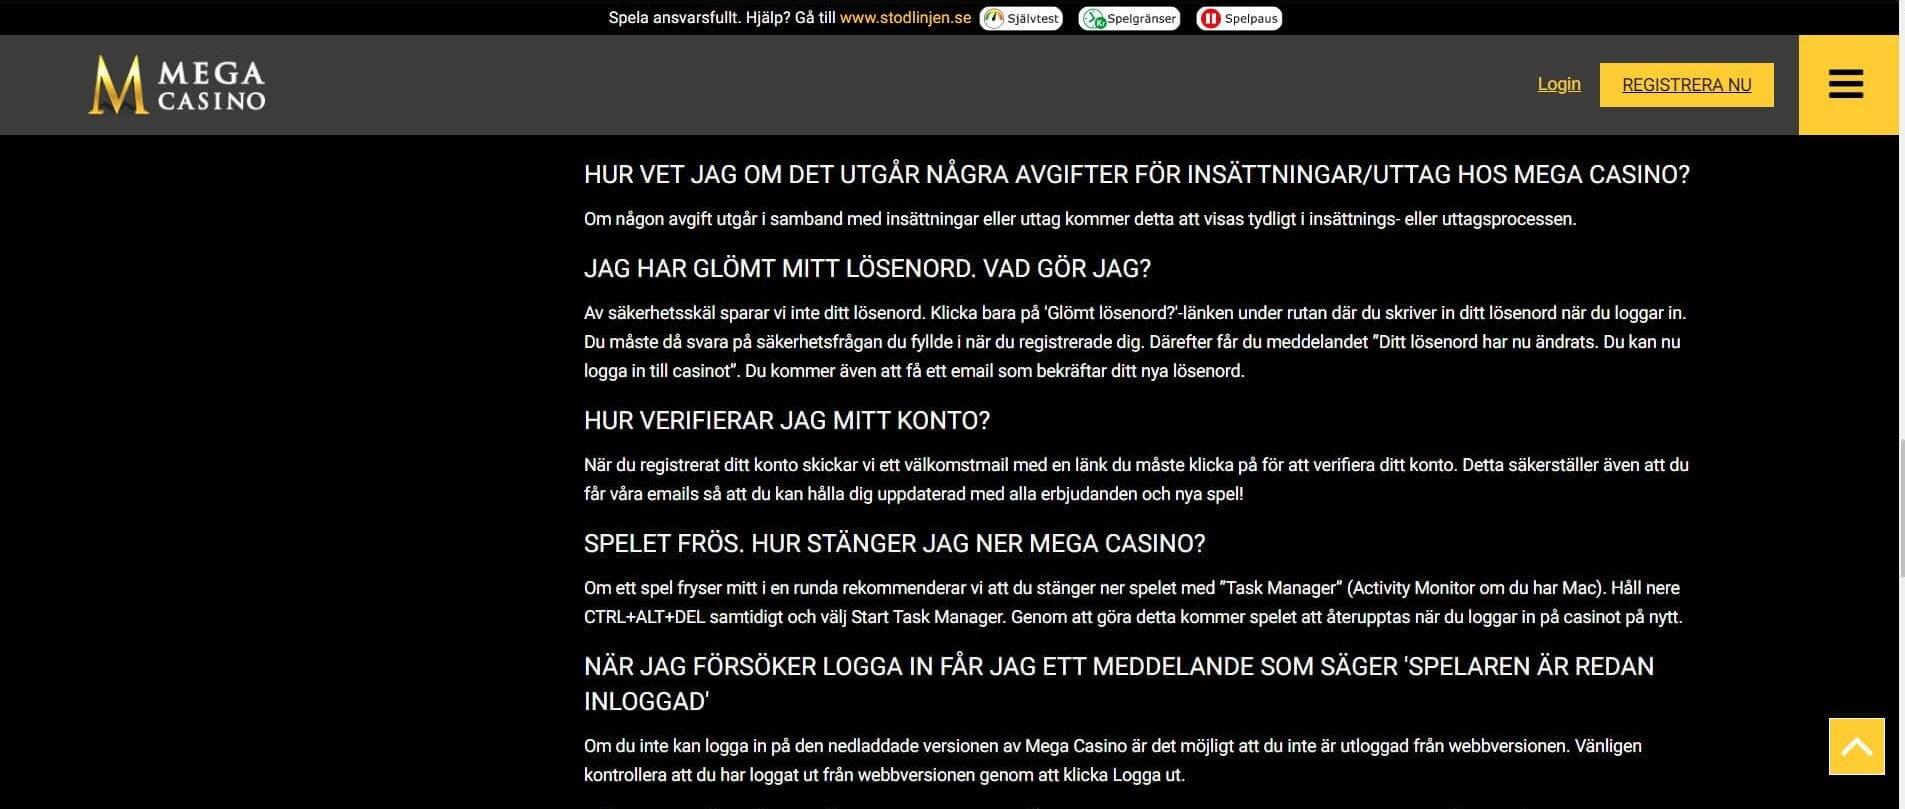 Tyvärr finns endast en otillräcklig FAQ hos Mega Casino